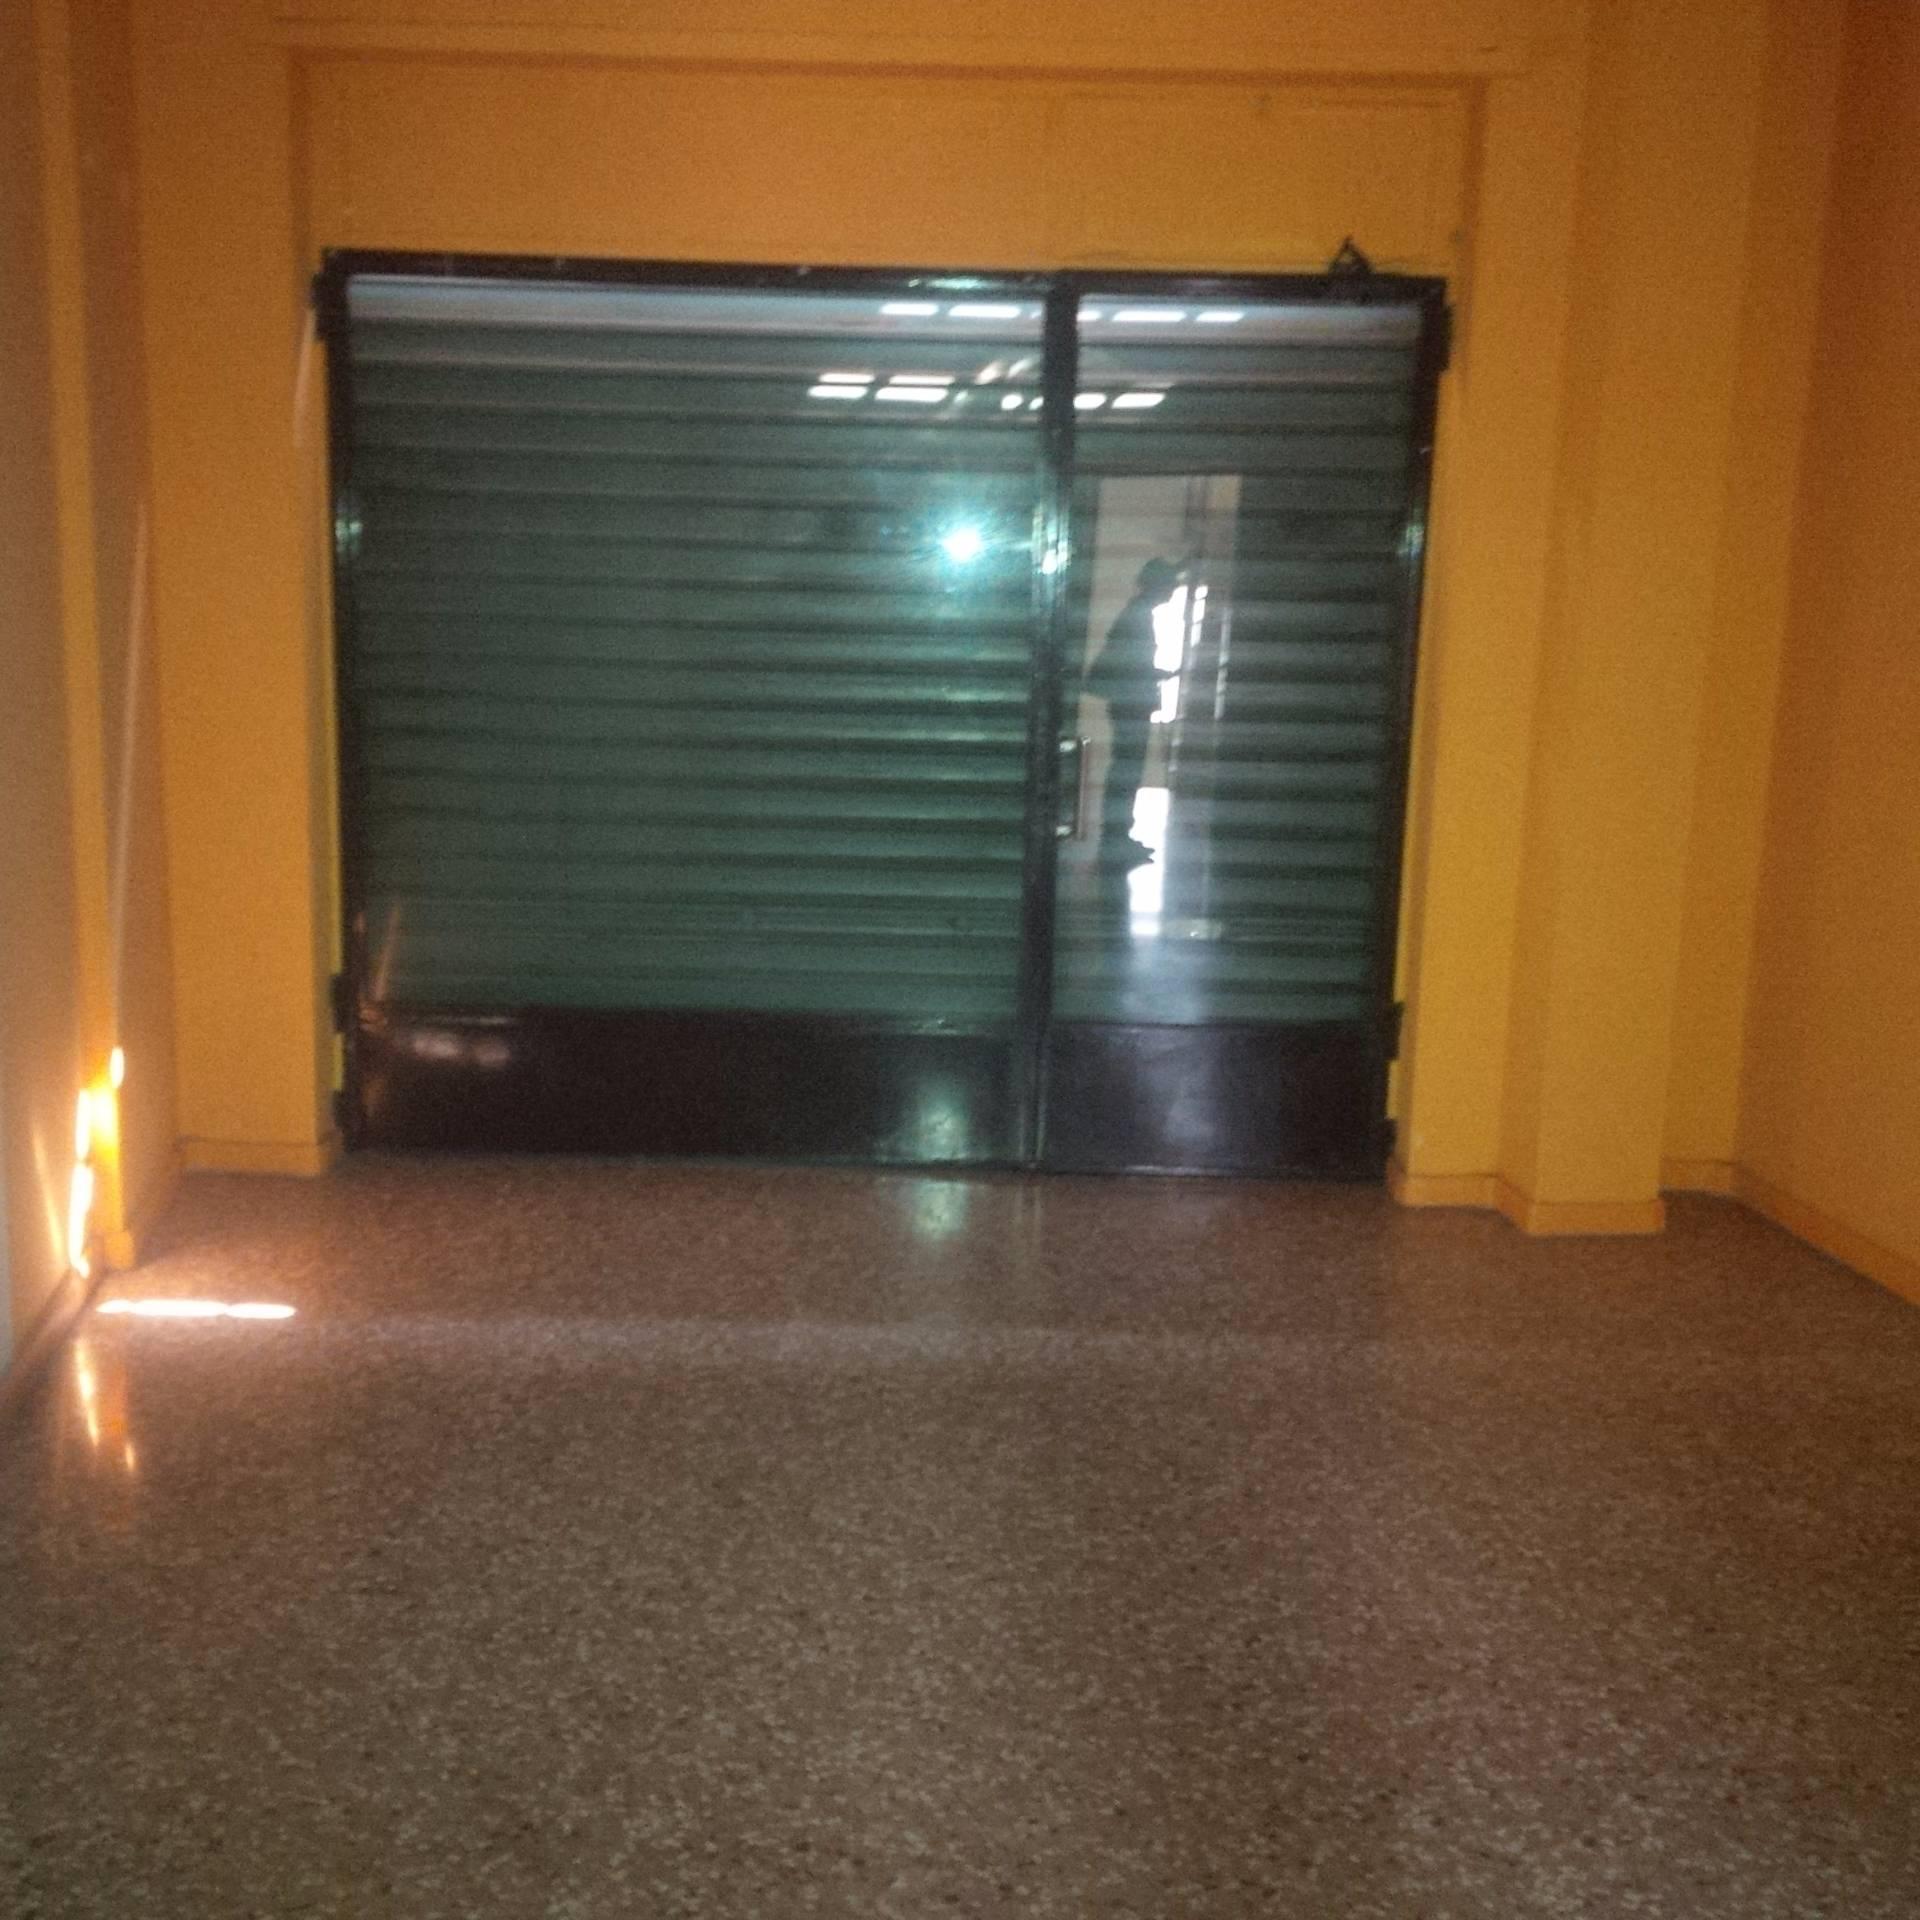 Negozio / Locale in affitto a Novara, 9999 locali, zona Località: S.Martino, prezzo € 48.000 | CambioCasa.it